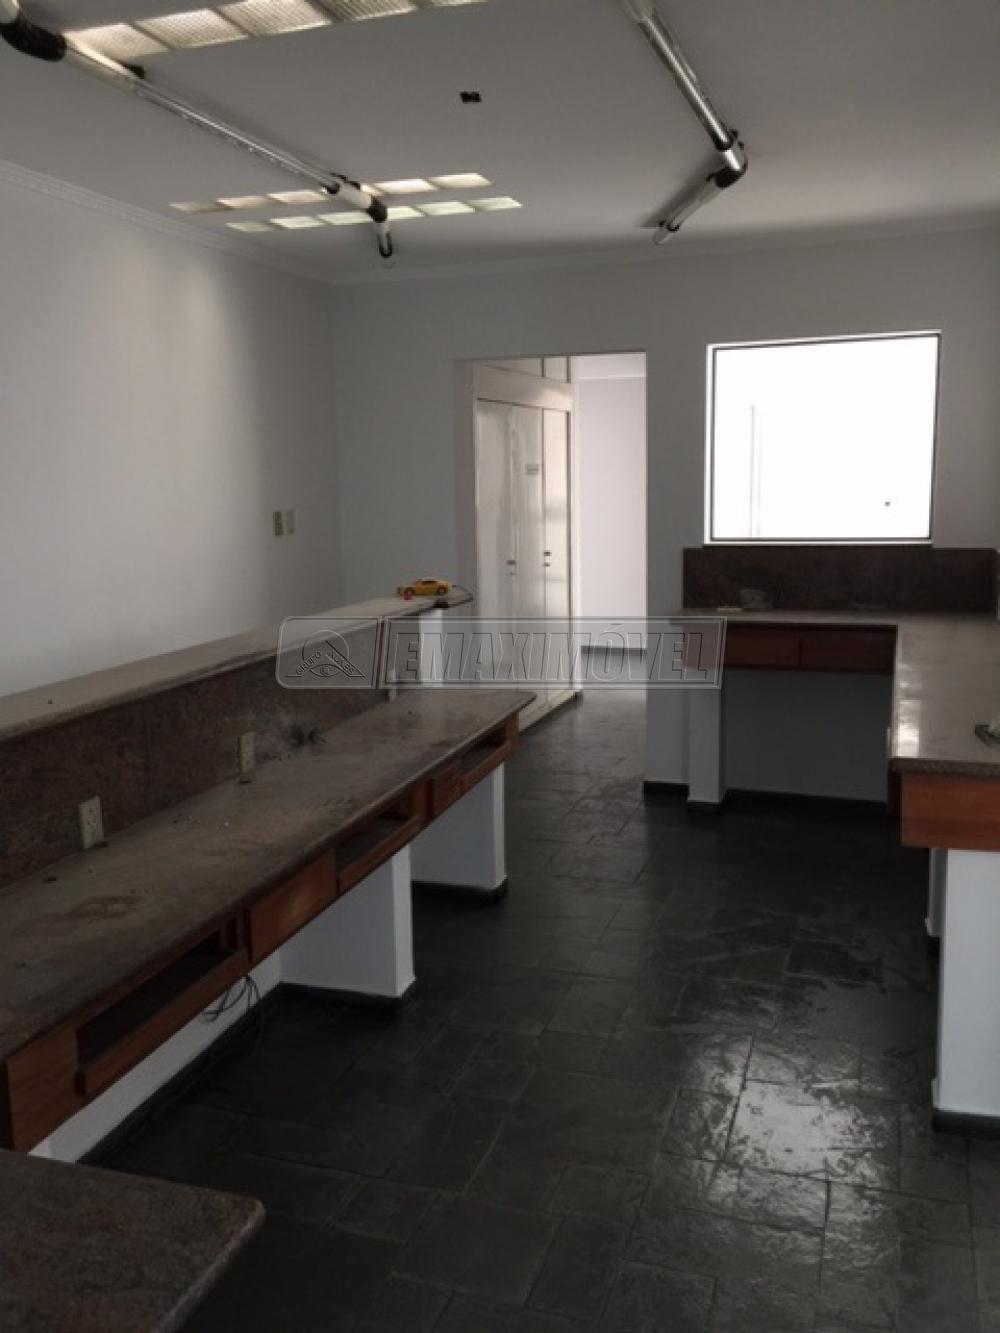 Alugar Casas / Comerciais em Sorocaba apenas R$ 4.500,00 - Foto 11